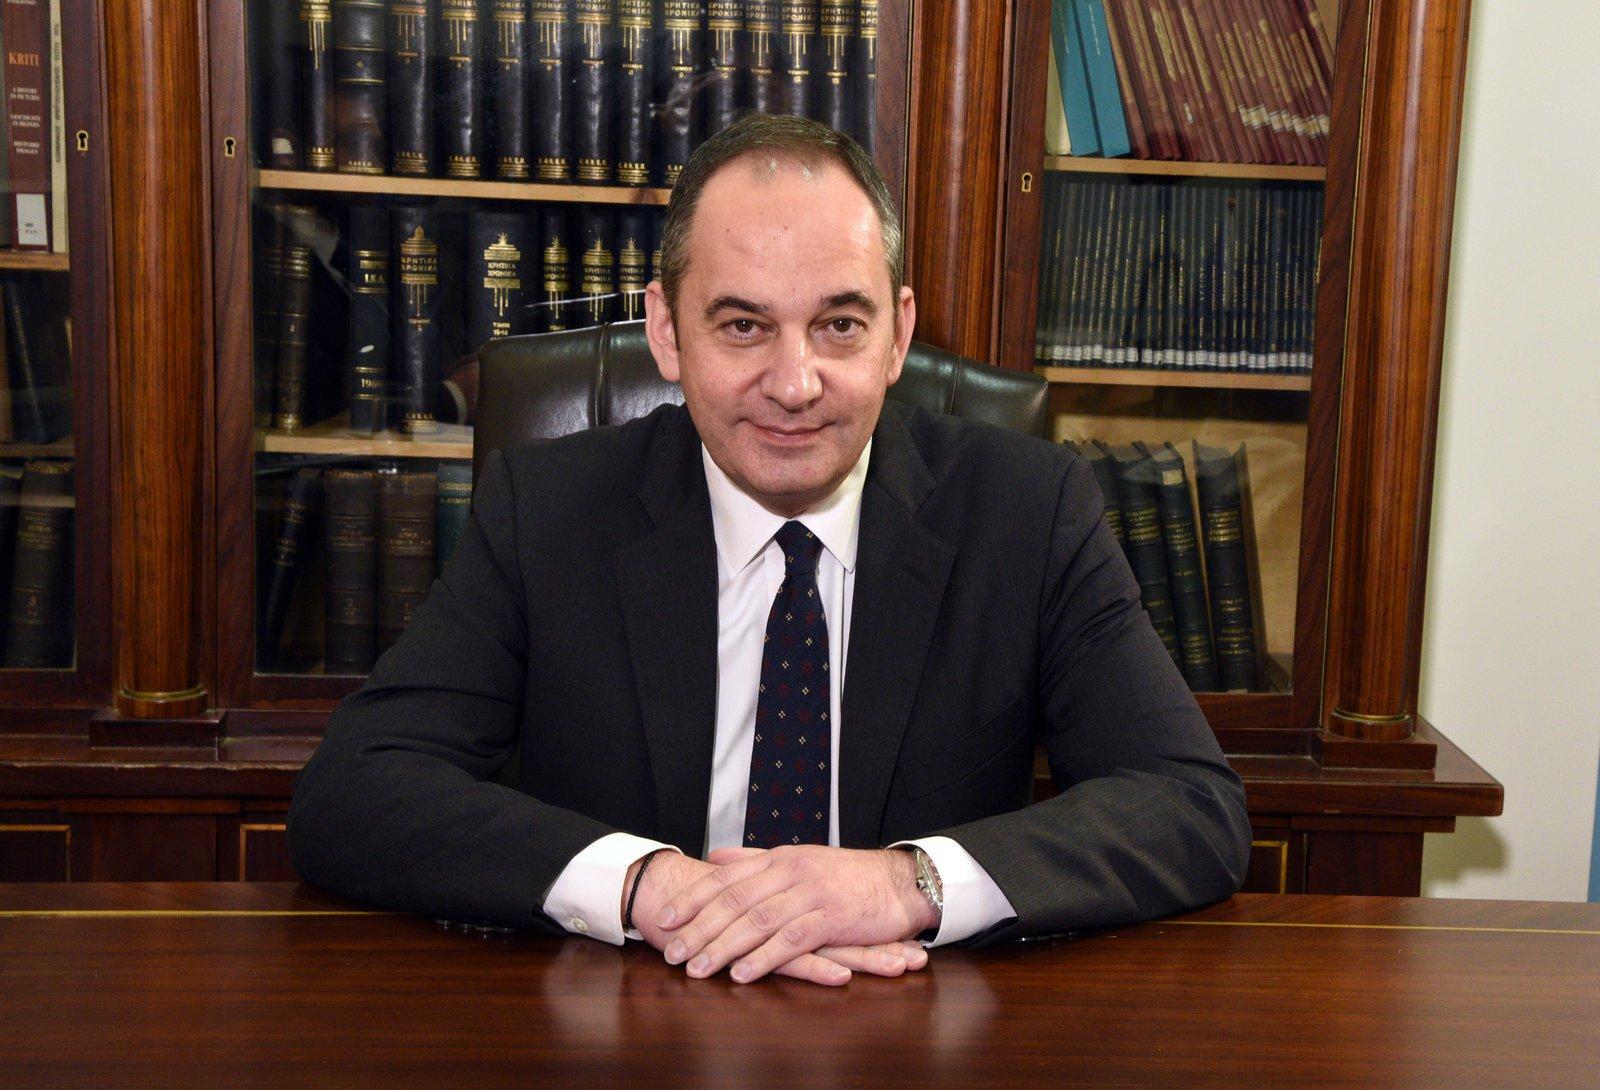 Γ. Πλακιωτάκης: Το Λιμενικό προστατεύει τα δικαιώματα των Ελλήνων - e-Nautilia.gr | Το Ελληνικό Portal για την Ναυτιλία. Τελευταία νέα, άρθρα, Οπτικοακουστικό Υλικό